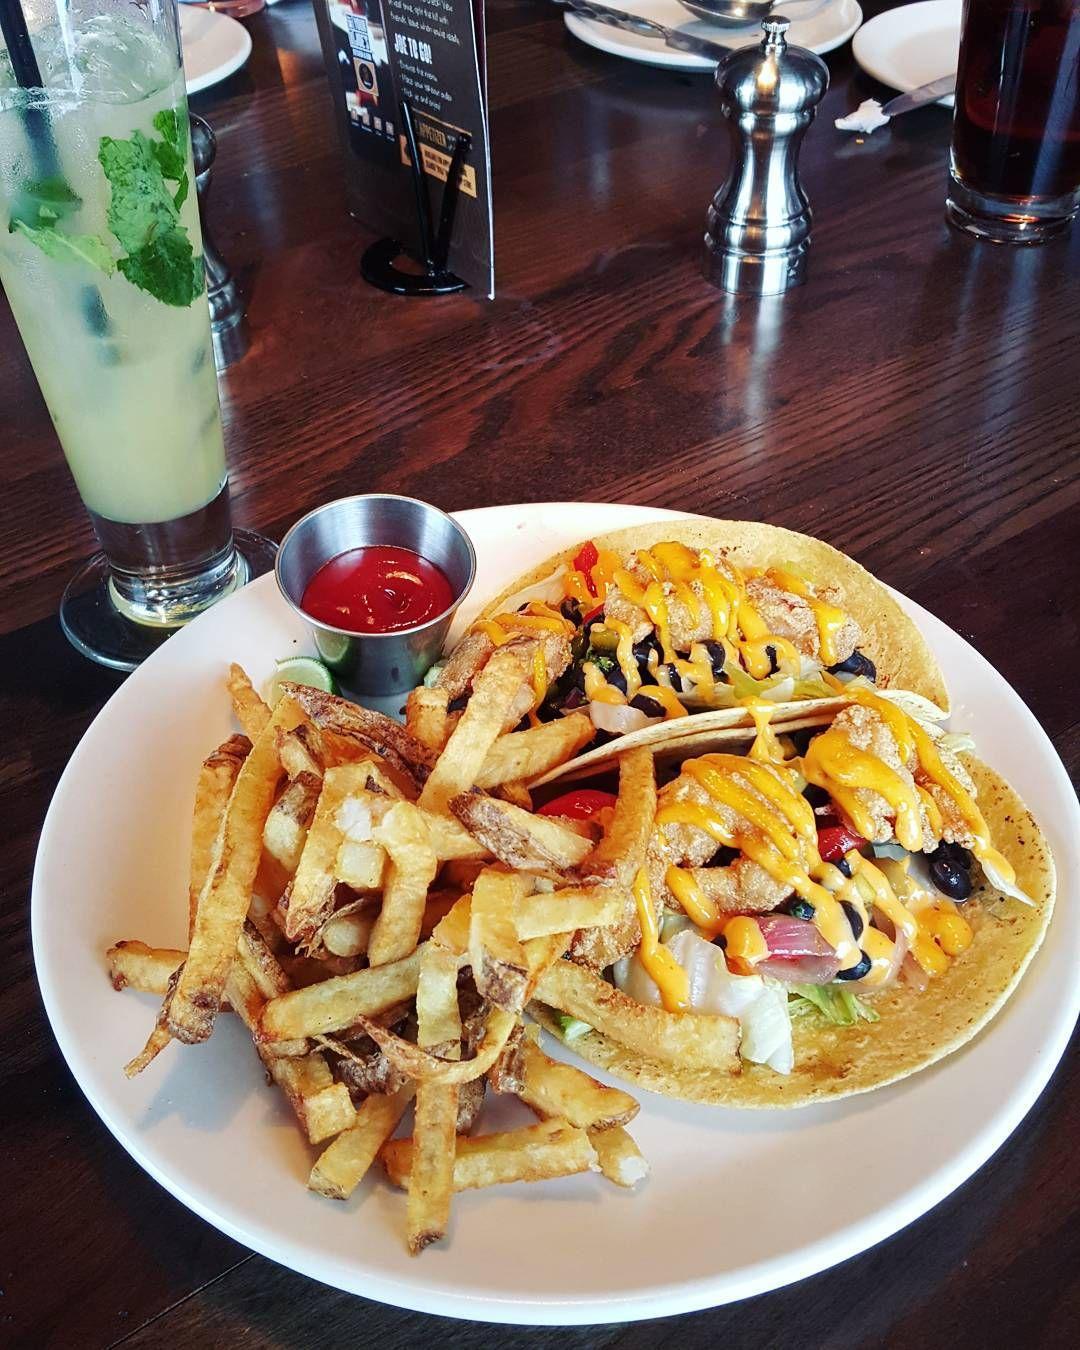 Shrimp tacos... my fav!